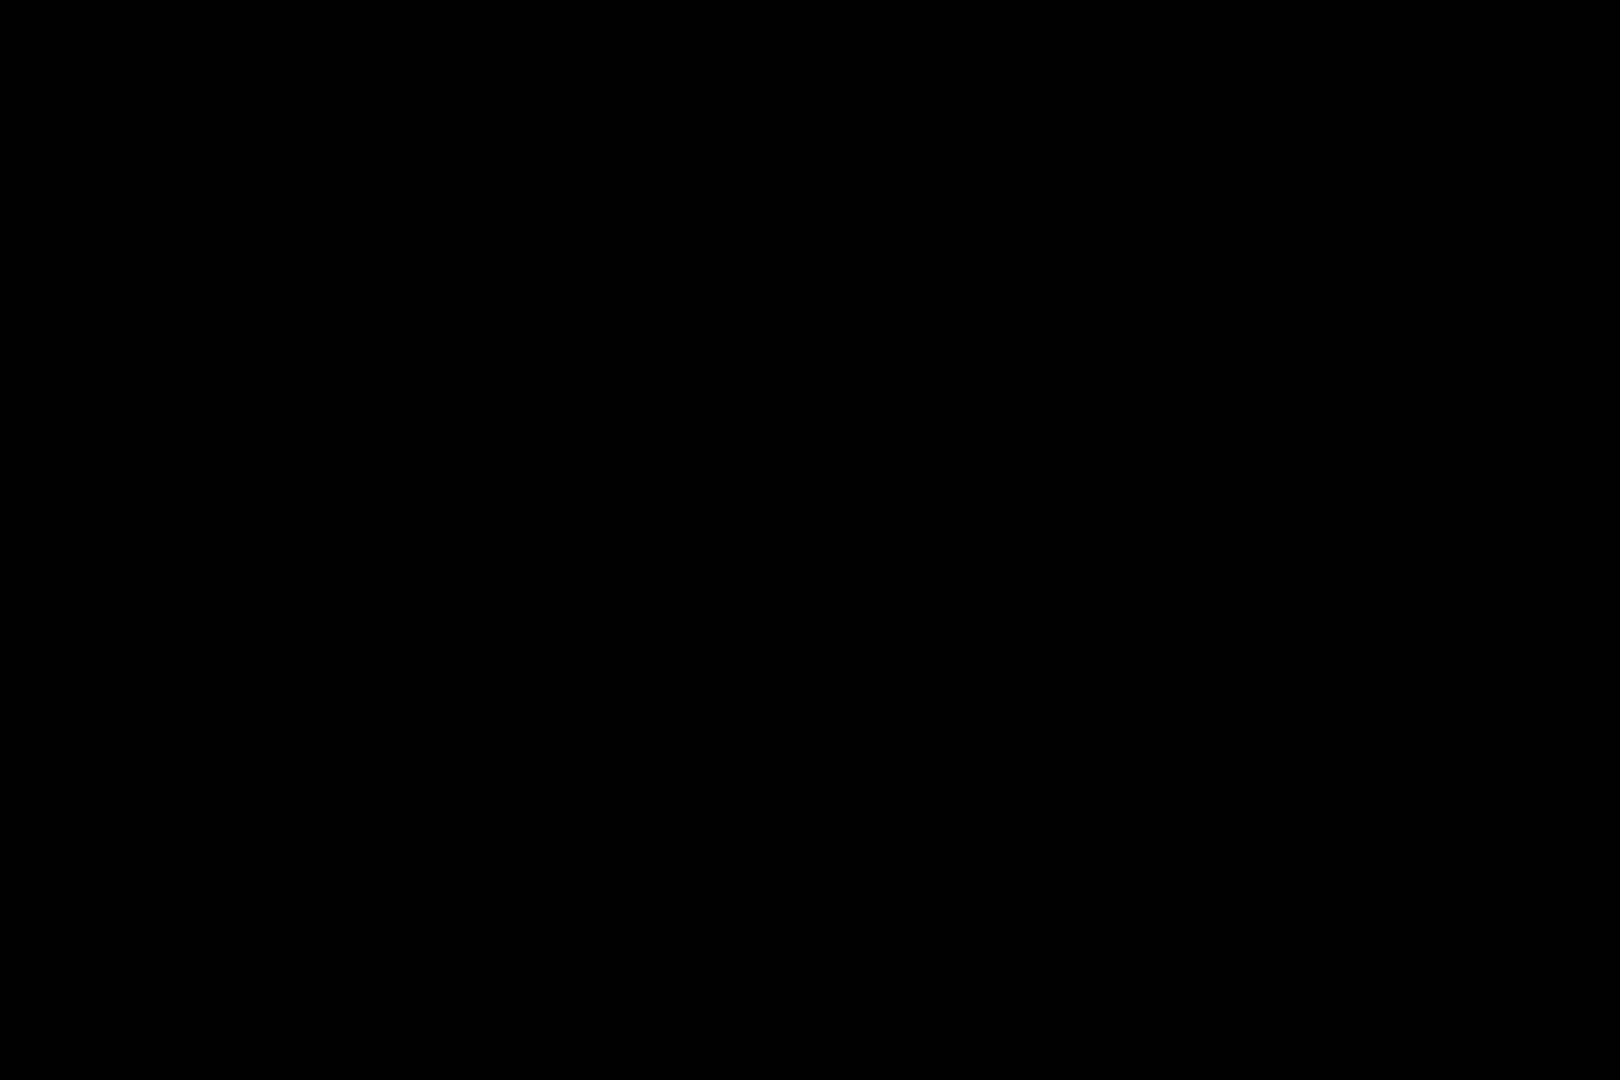 充血監督の深夜の運動会Vol.11 おまんこ  75枚 32